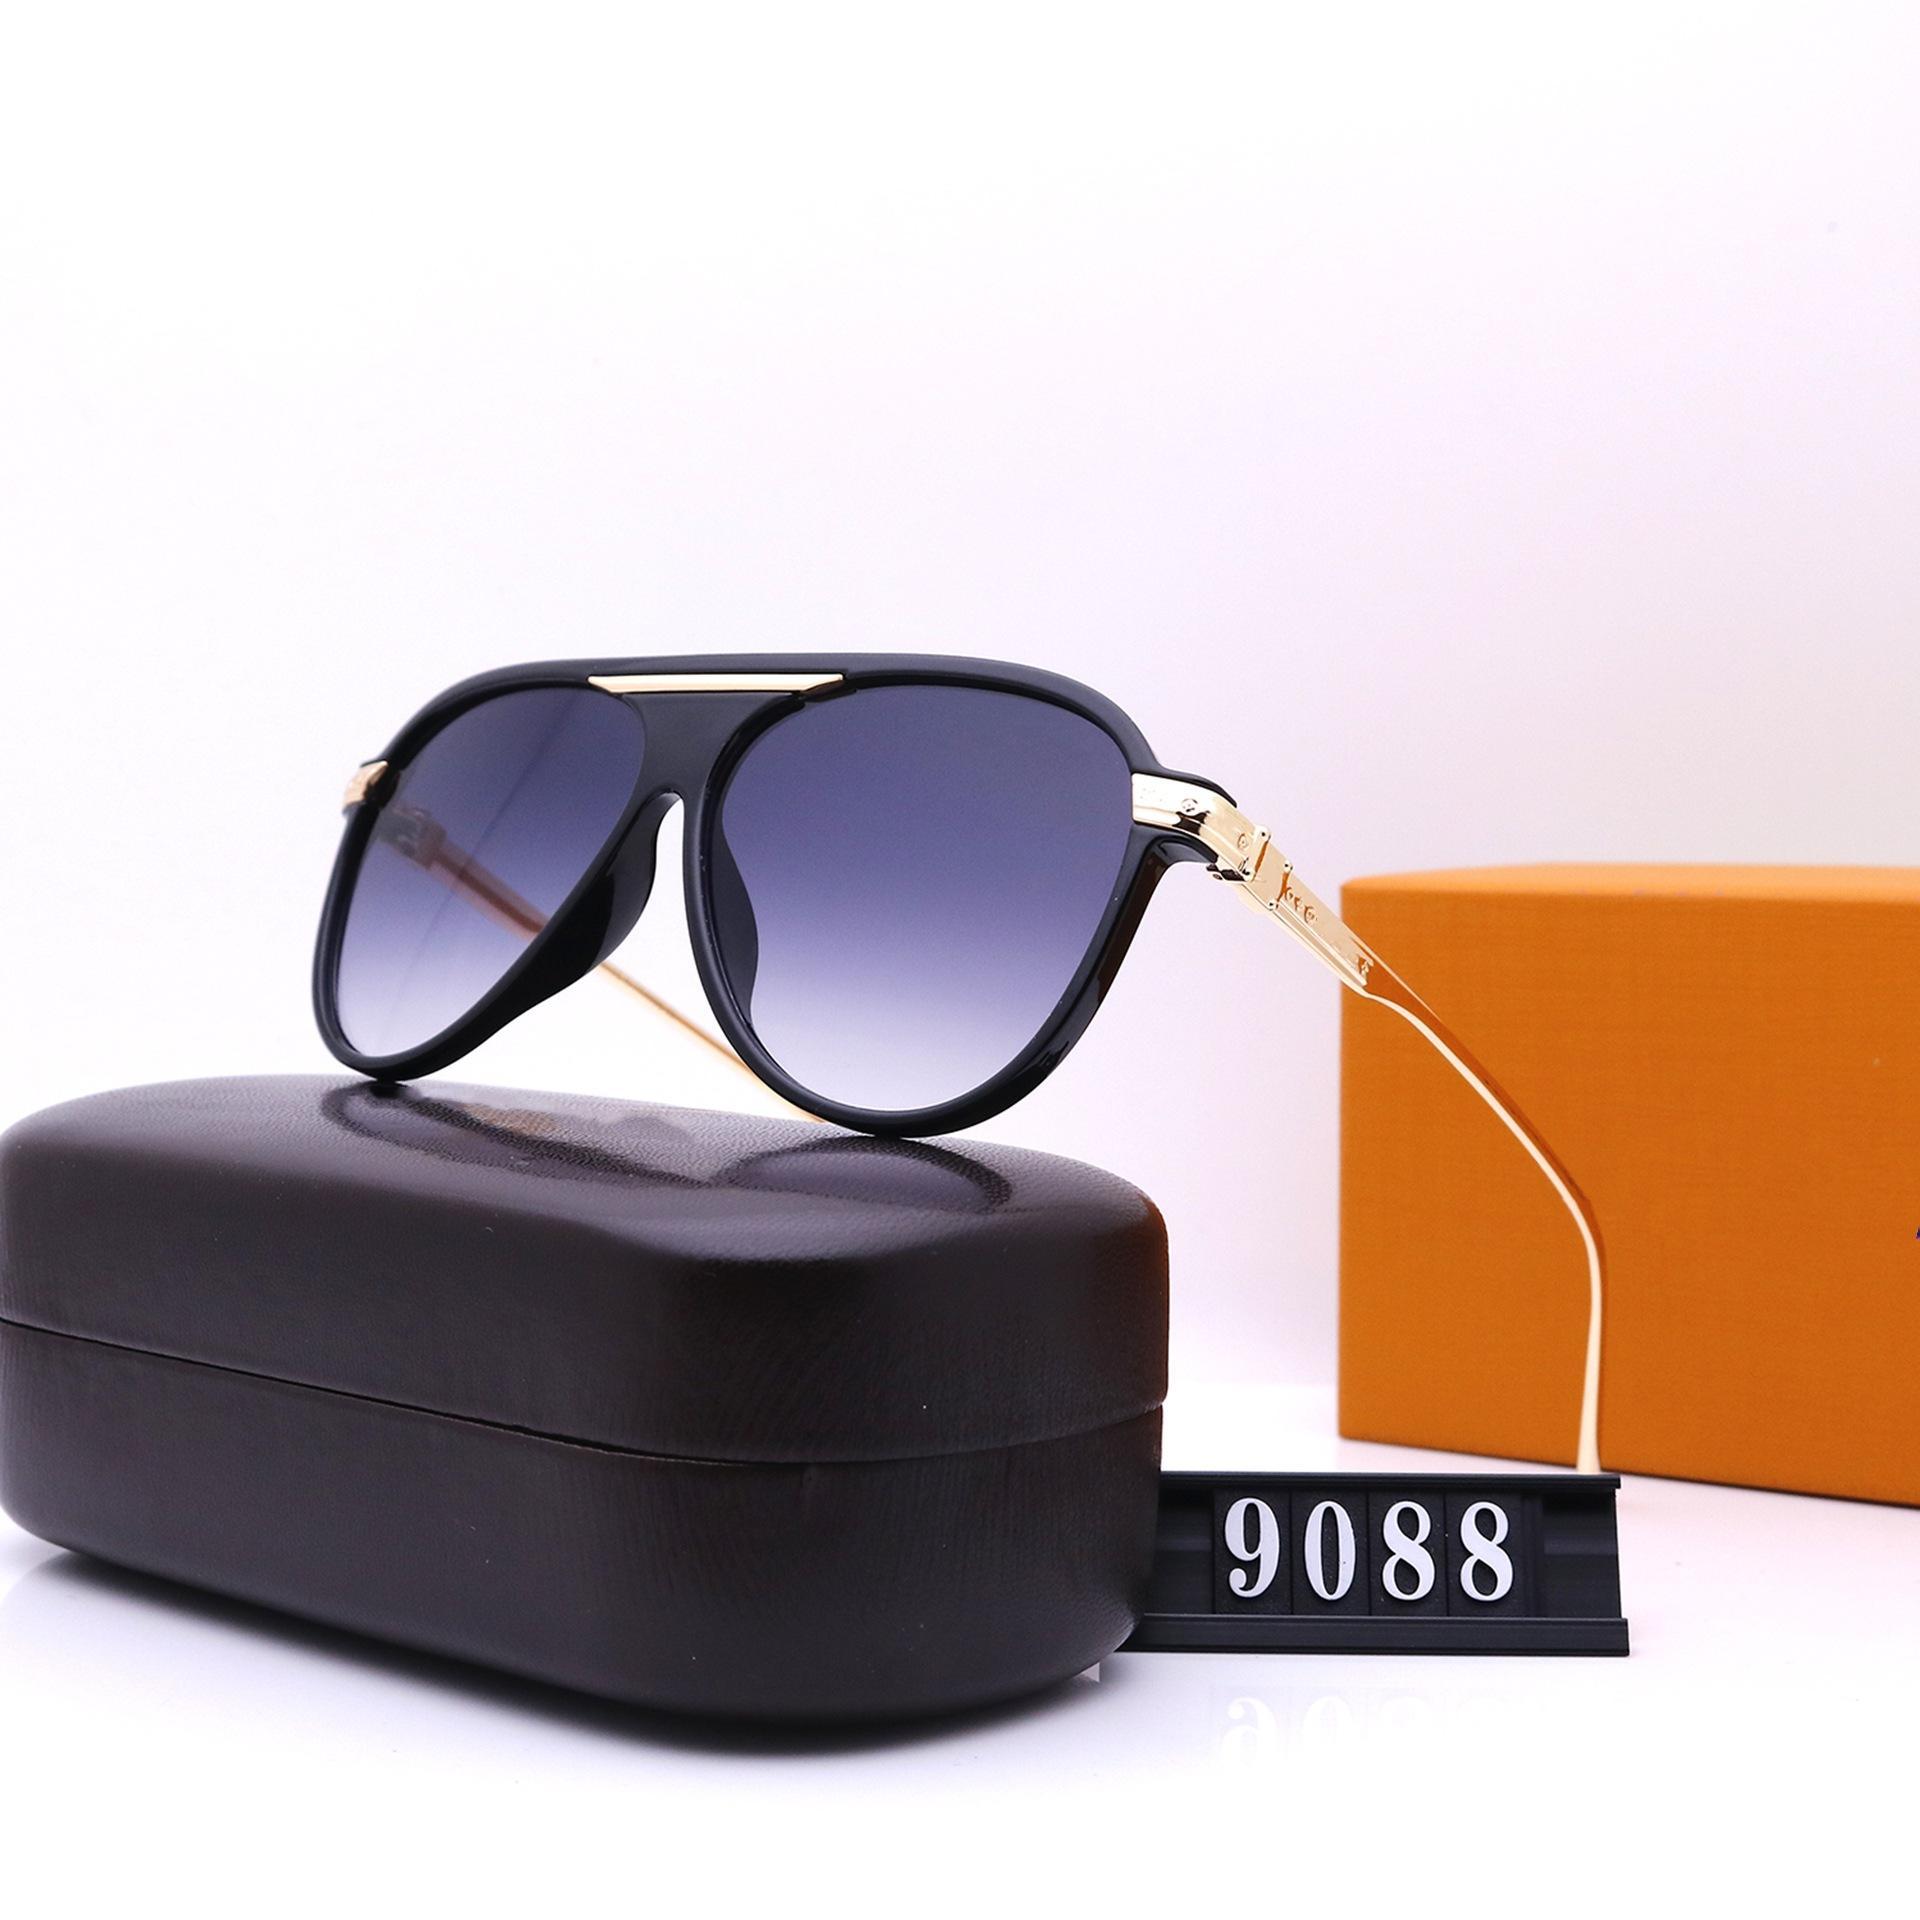 ستة ألوان 2021 النظارات الشمسية الأزياء للنساء مصممي الفضلات عالية الجودة HD الاستقطاب عدسات القيادة نظارات 9088